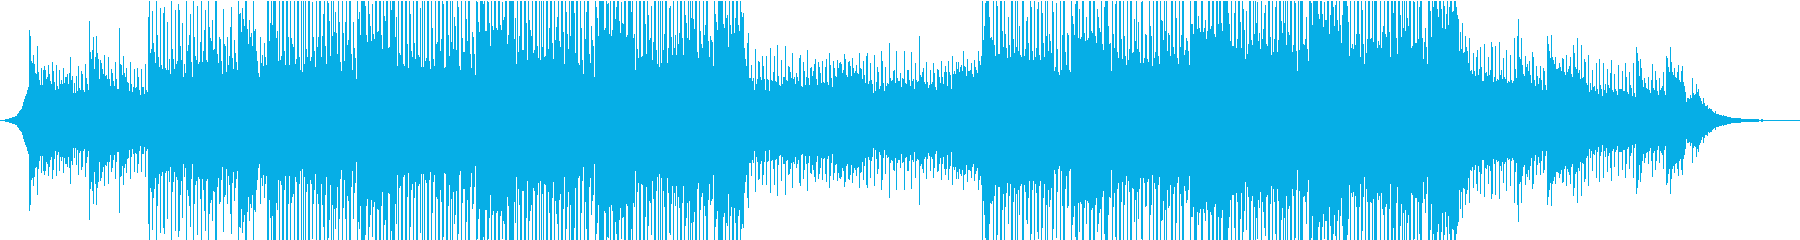 ポップ テクノ 実験的 ロック ポ...の再生済みの波形